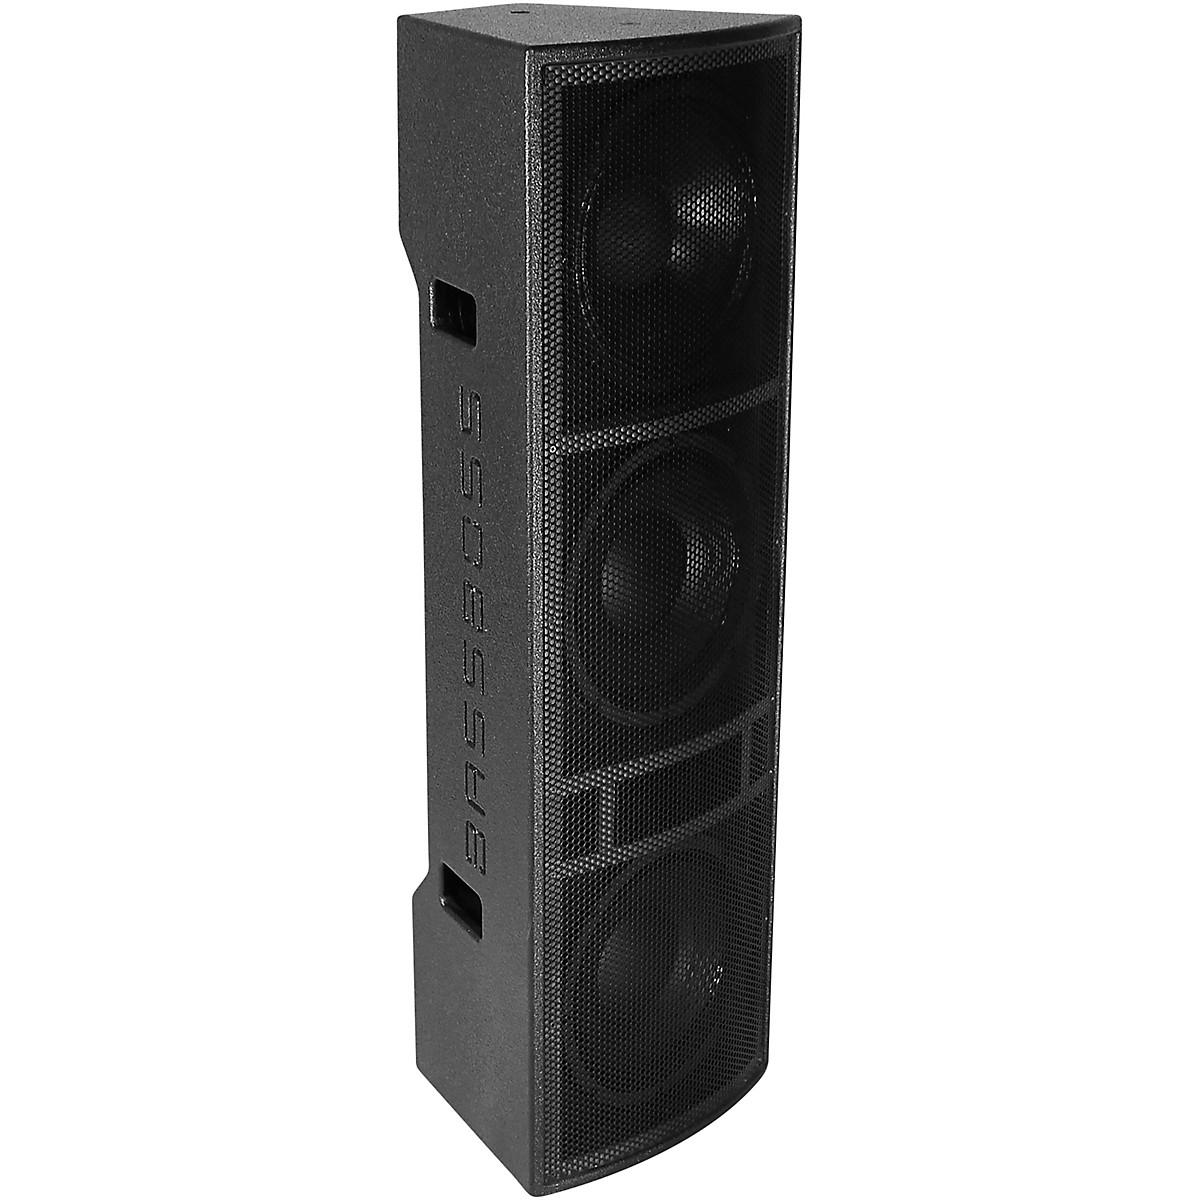 BASSBOSS AT312 3-Way Powered Top Speaker